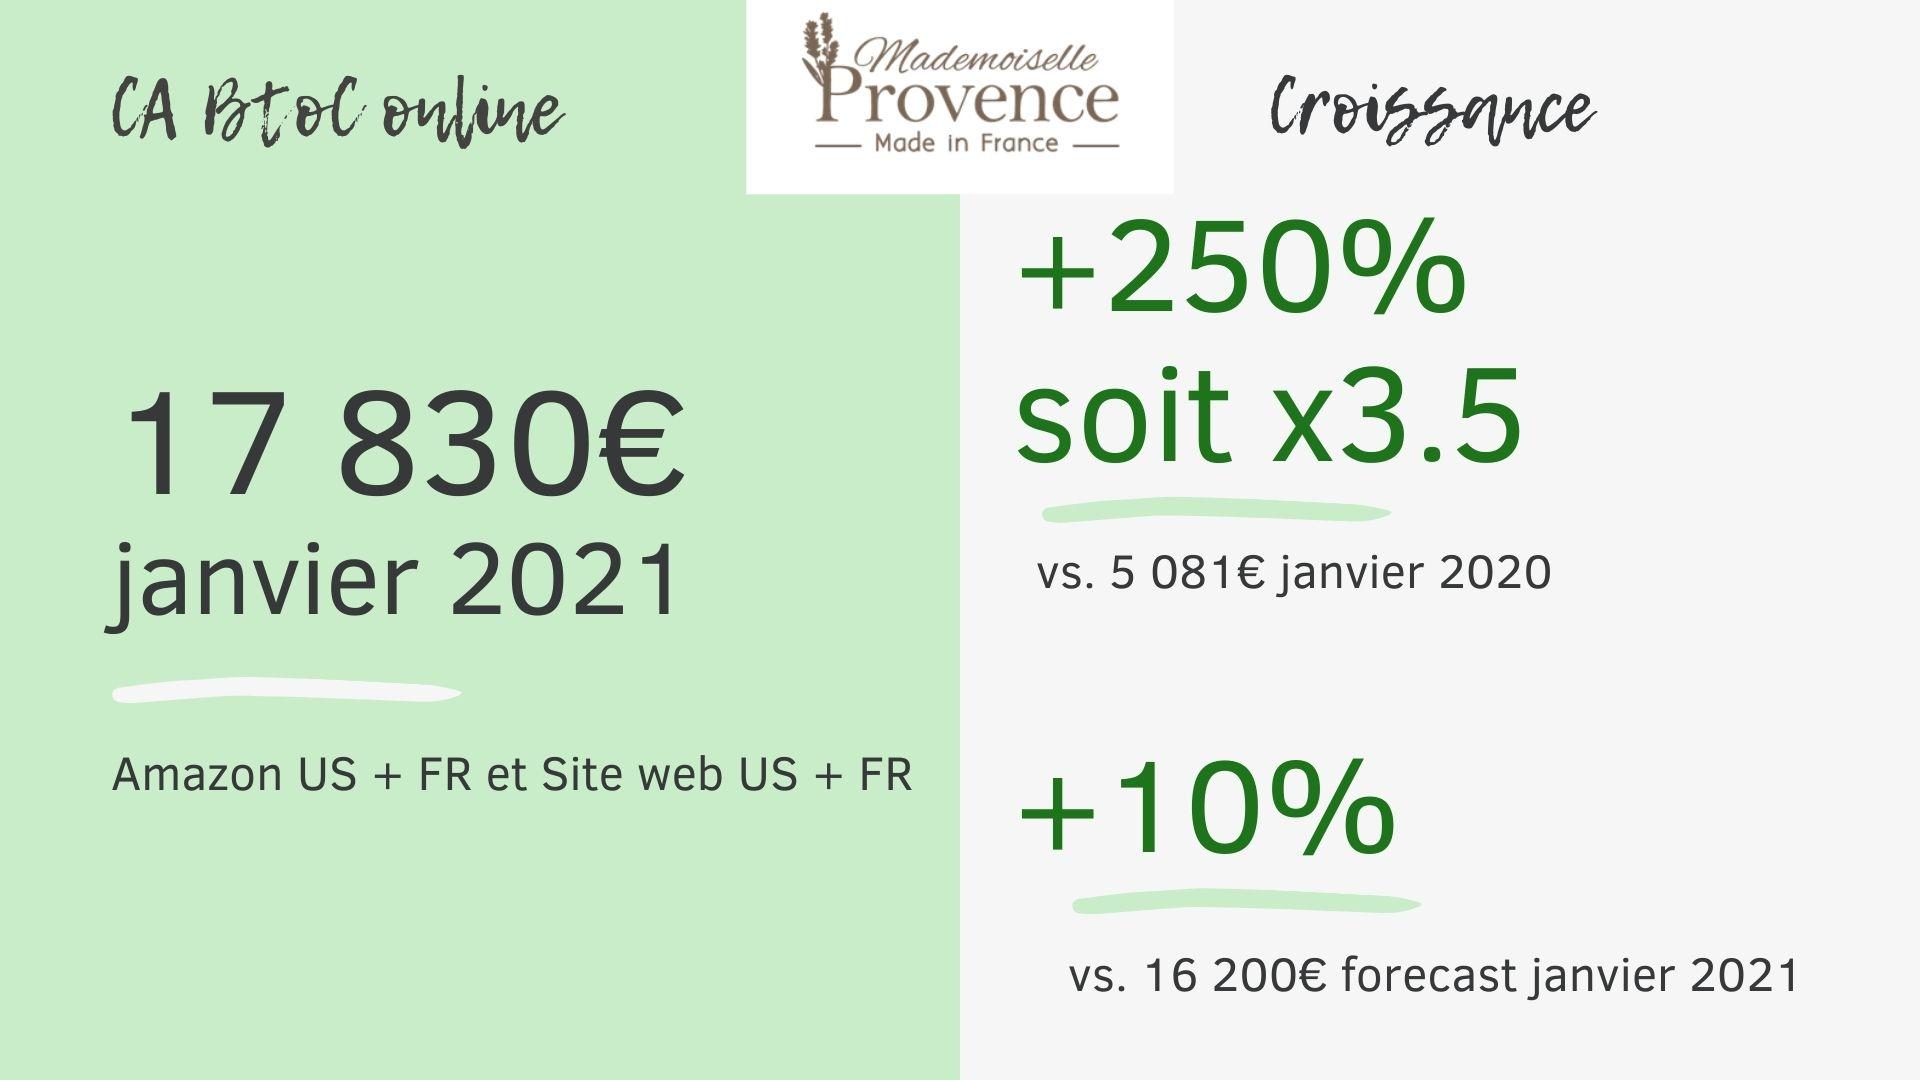 Croissance du CA online en janvier 2021 vs 2020 et forecast